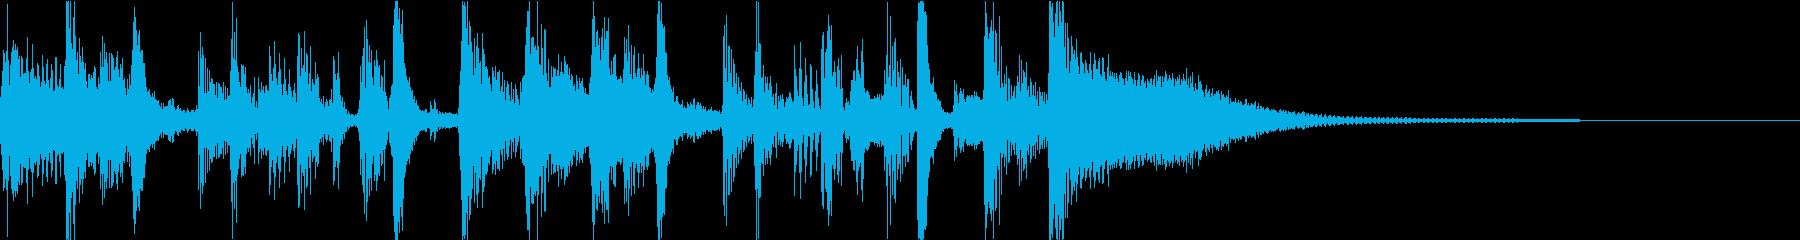 生演奏ギター ファンクジングルの再生済みの波形